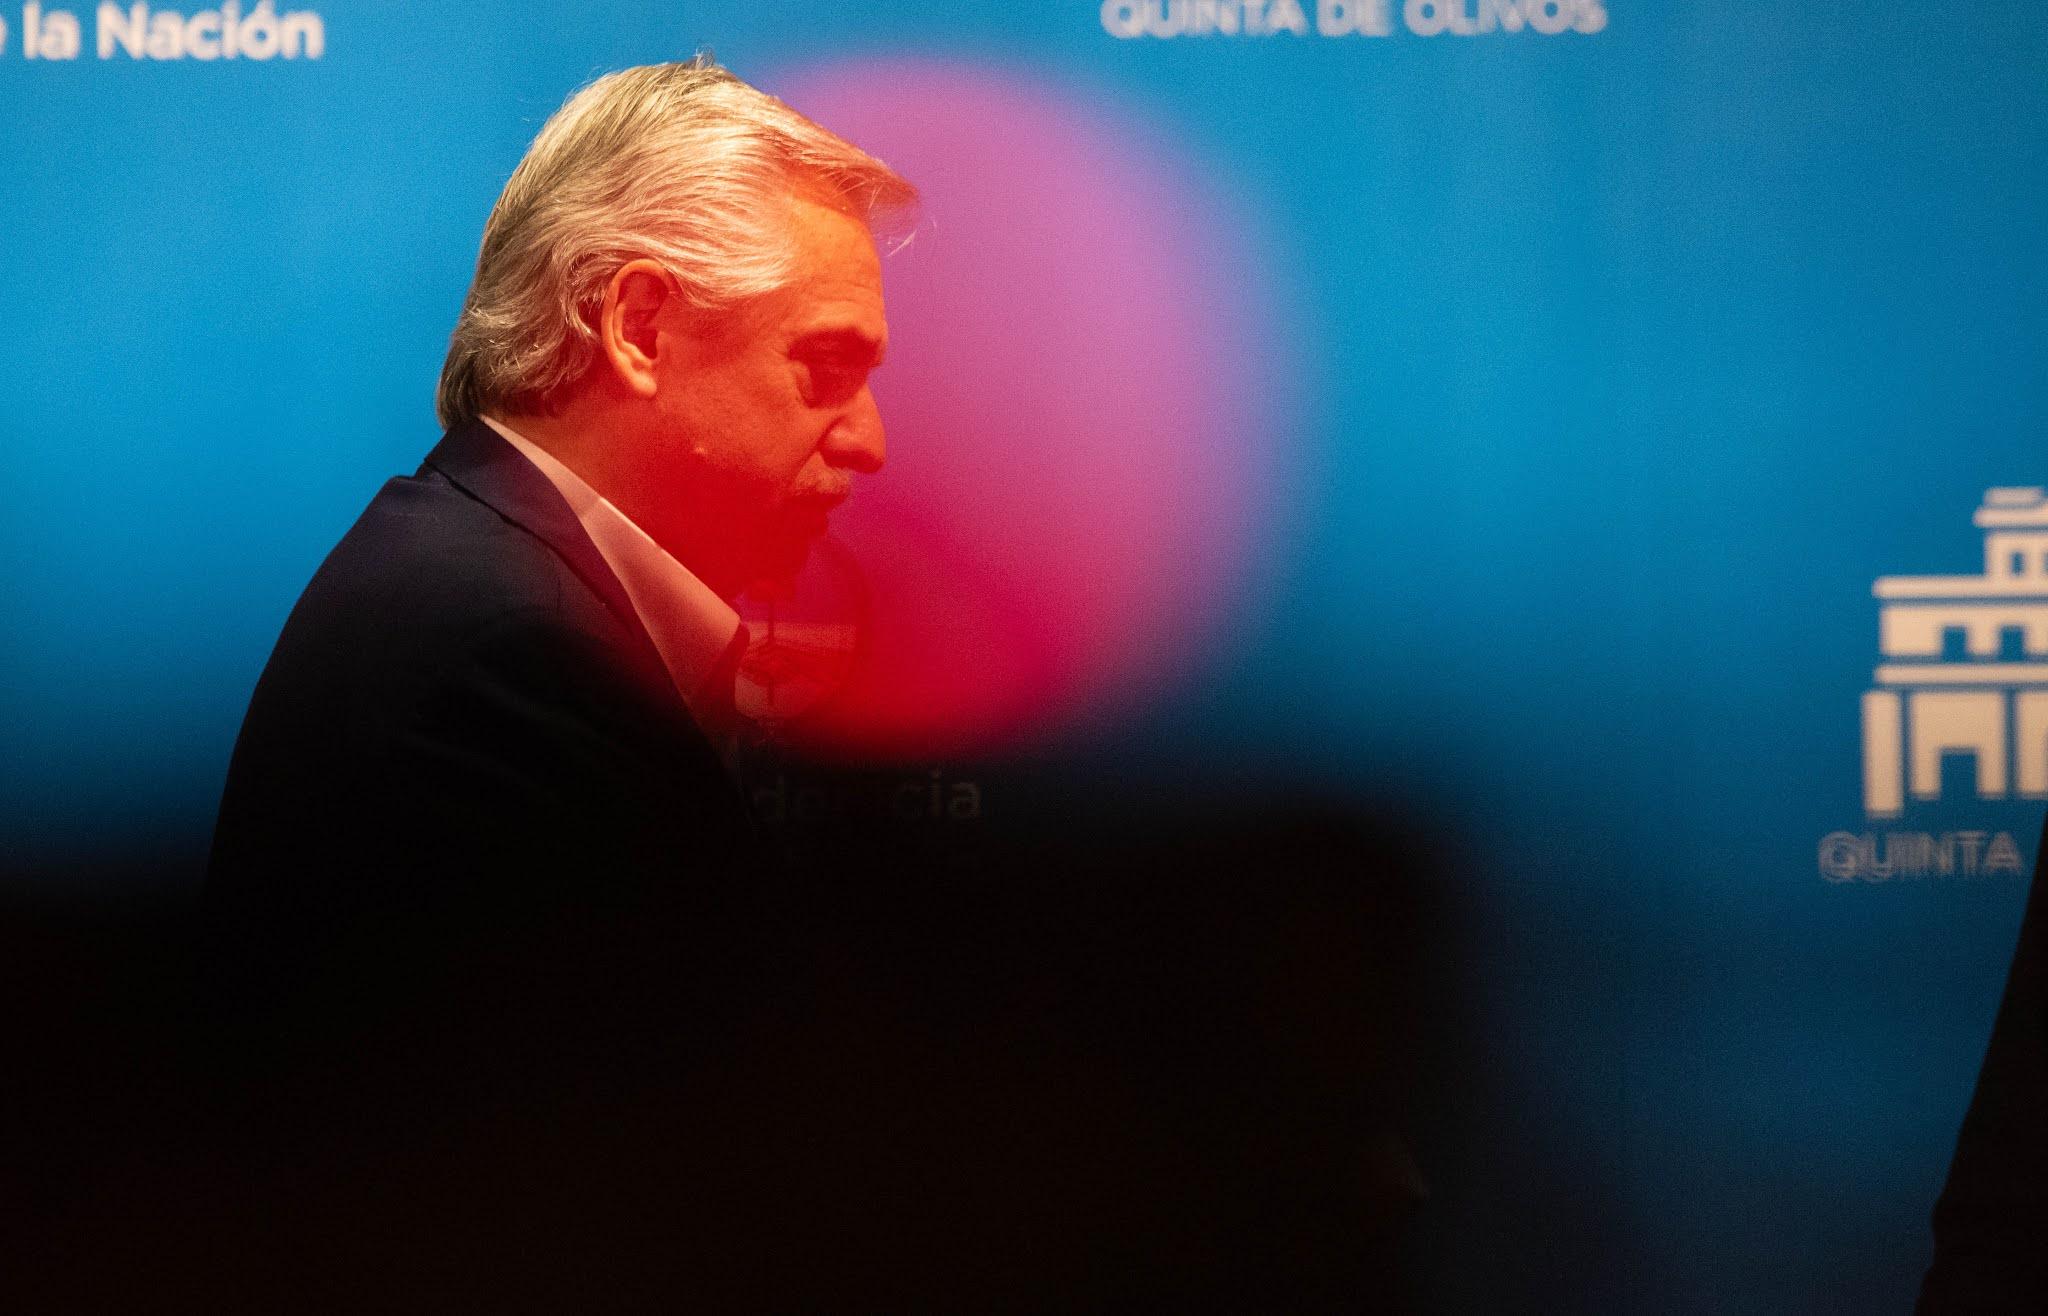 Los ministros y funcionarios que responden a Cristina Kirchner le presentaron su renuncia a Alberto Fernández